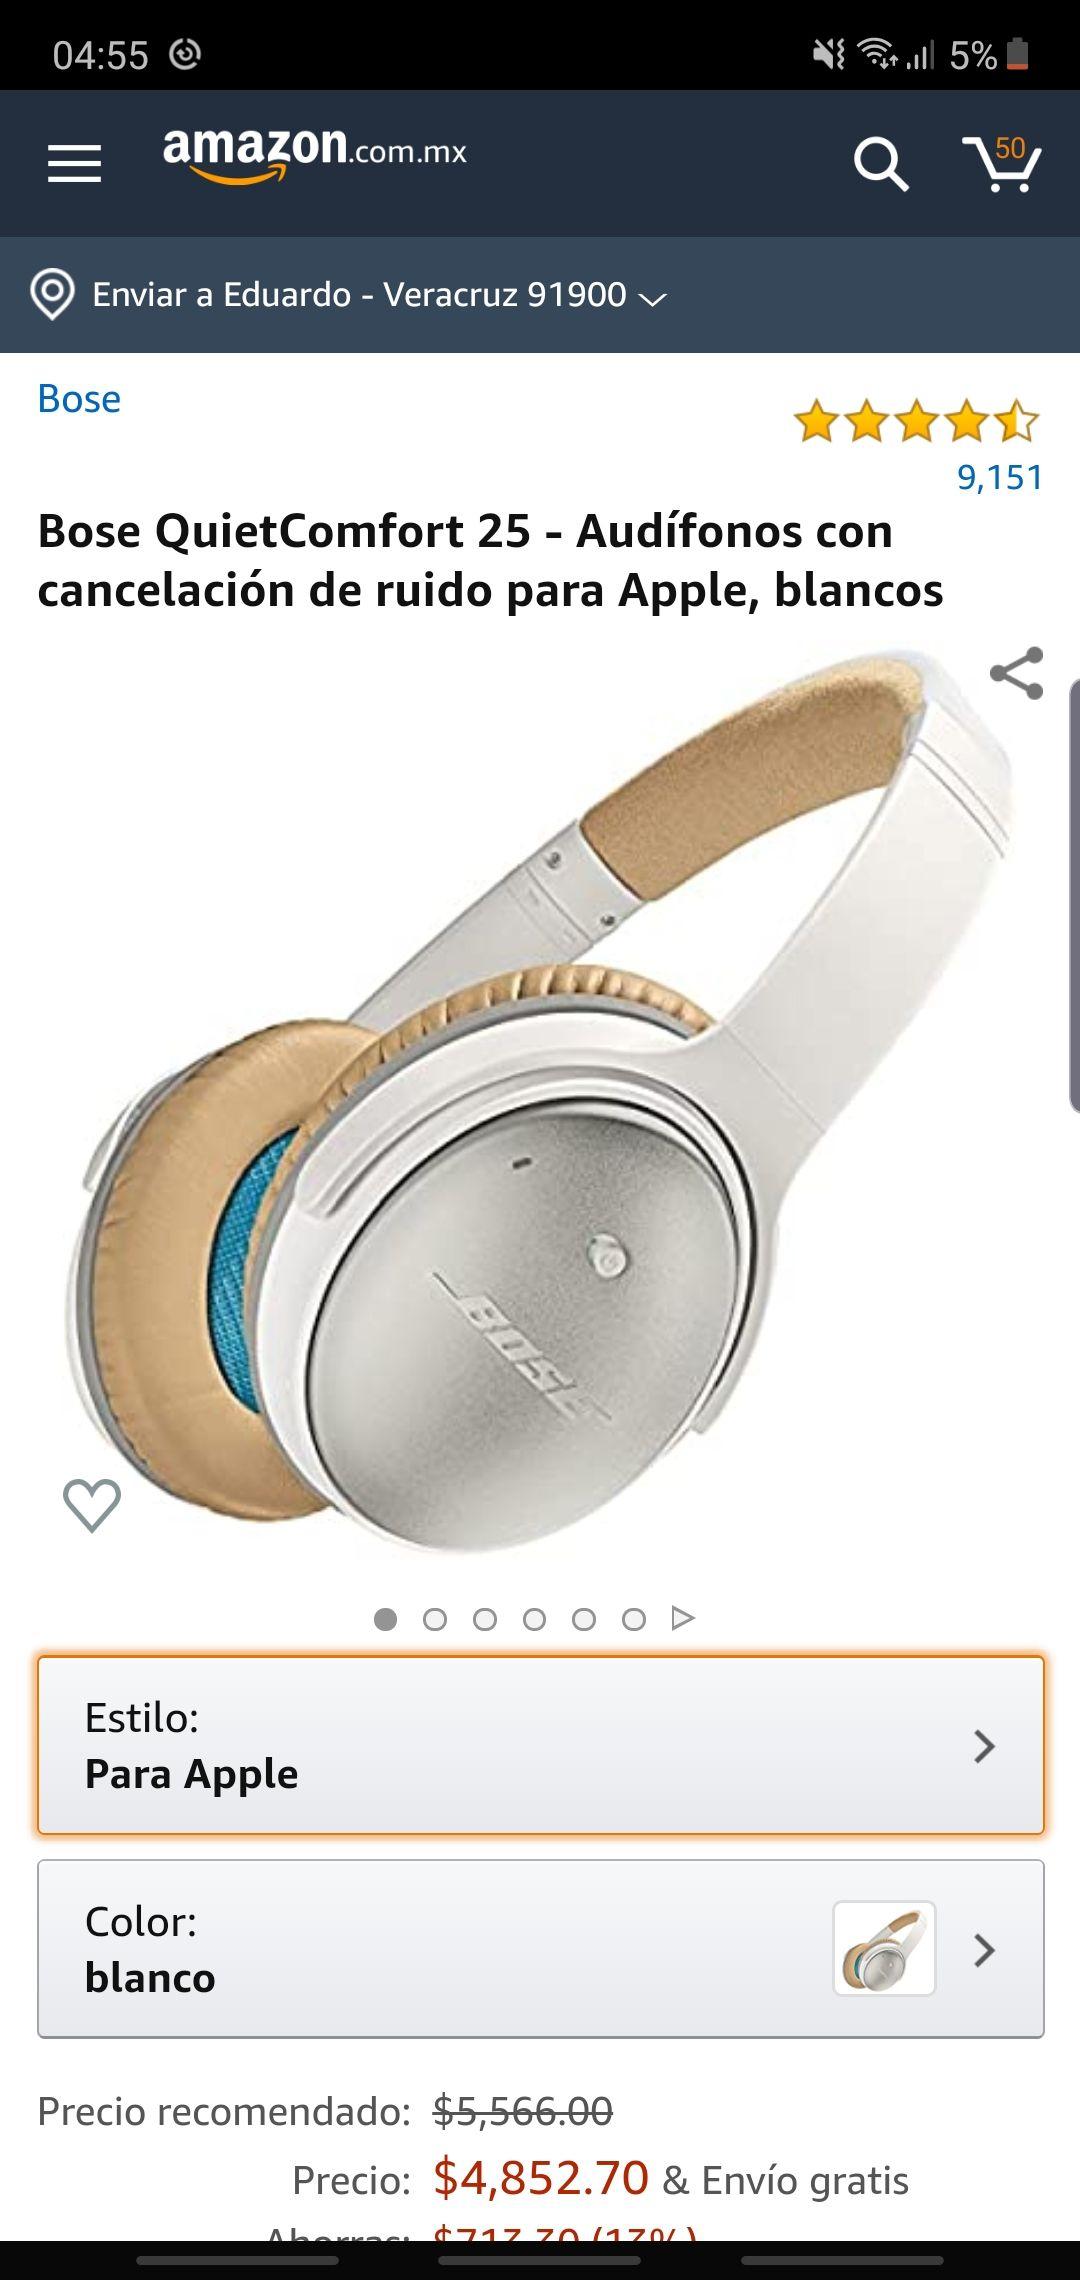 Amazon Bose Quiet Comfort 25